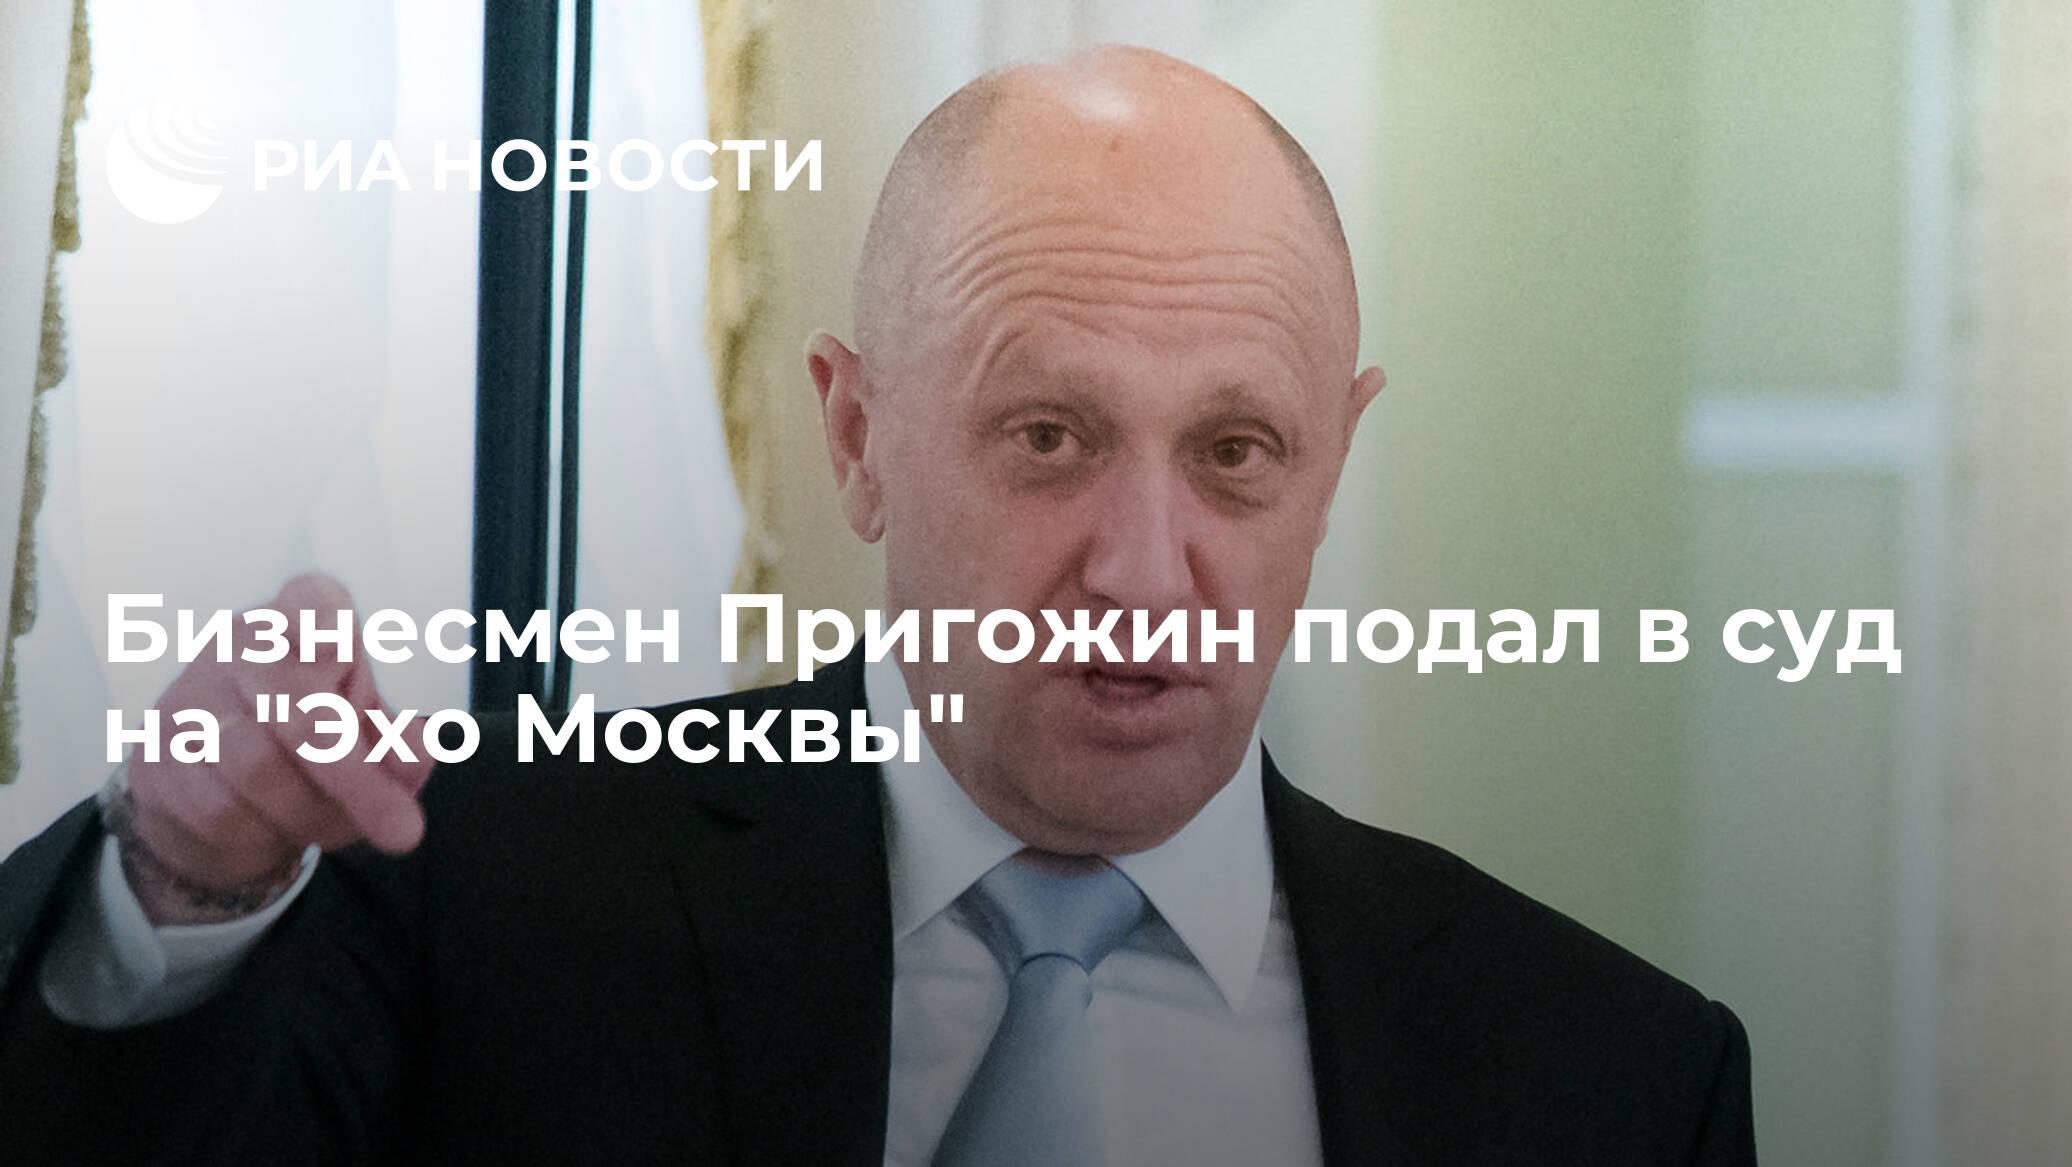 """Бизнесмен Пригожин подал в суд на """"Эхо Москвы"""""""